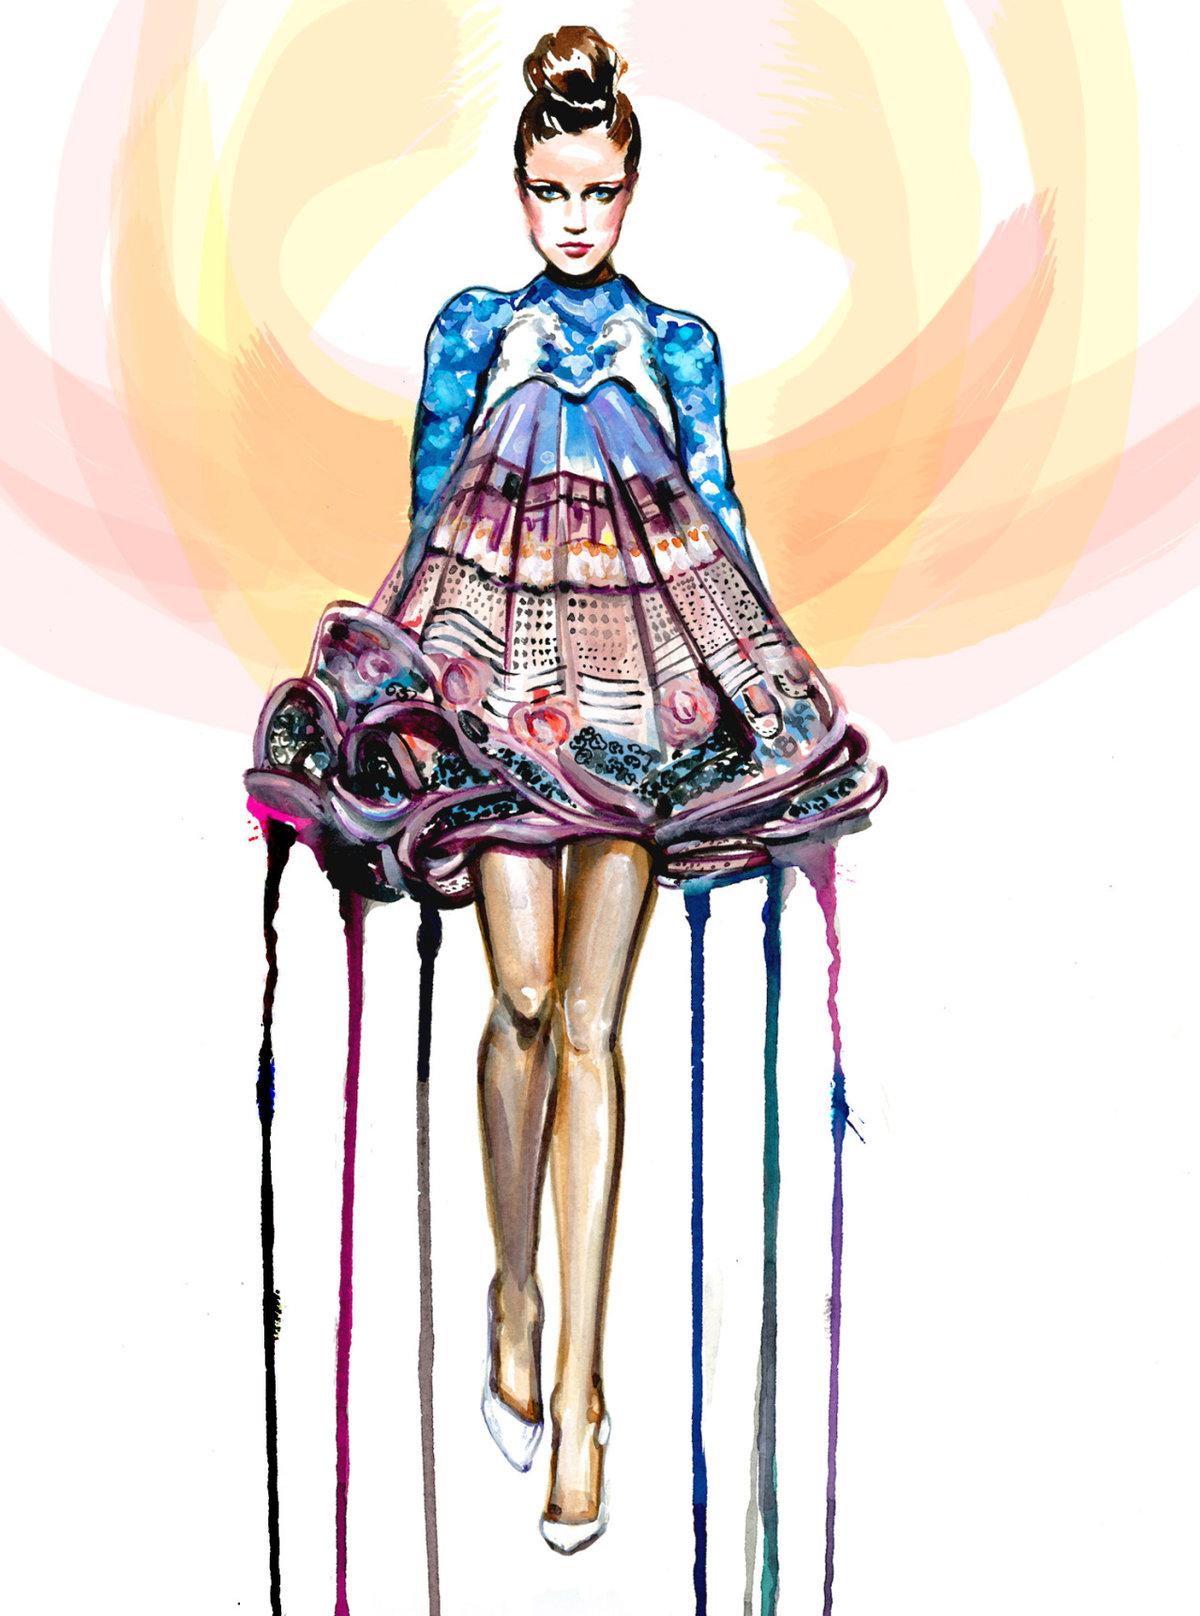 цвет, красивая цветная одежда в картинках для можете скачать